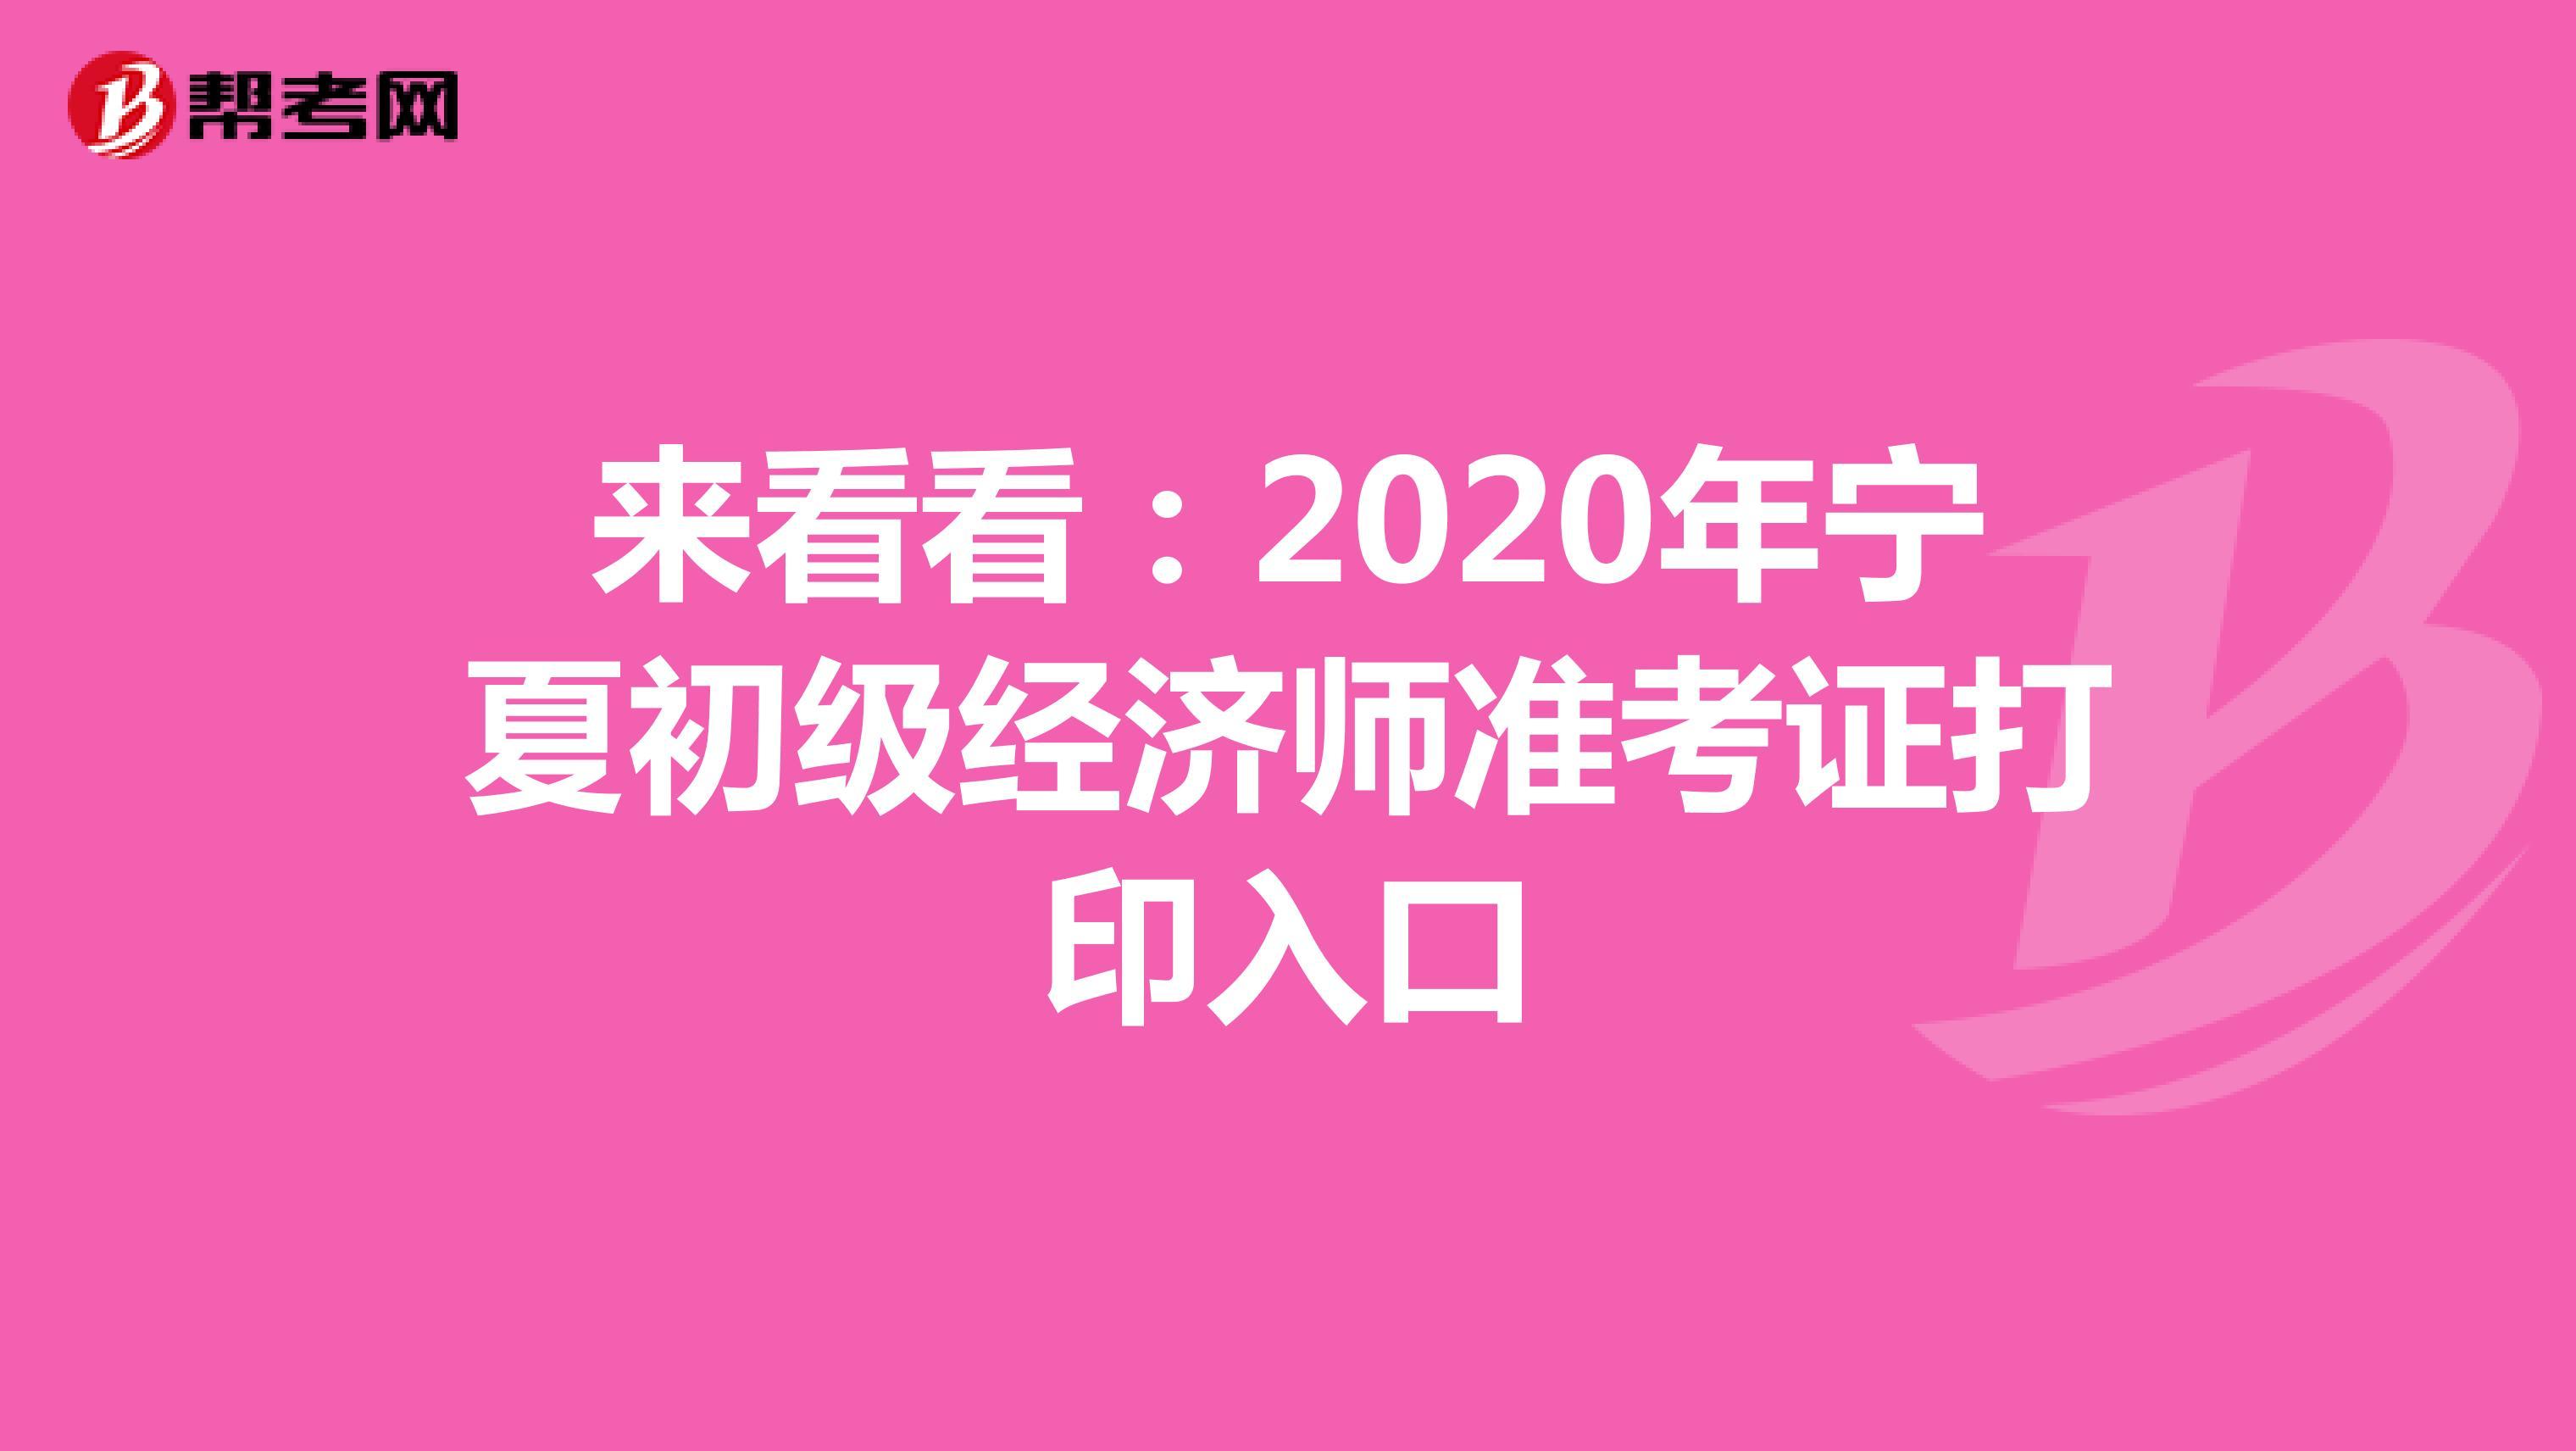 来看看:2020年宁夏初级经济师准考证打印入口